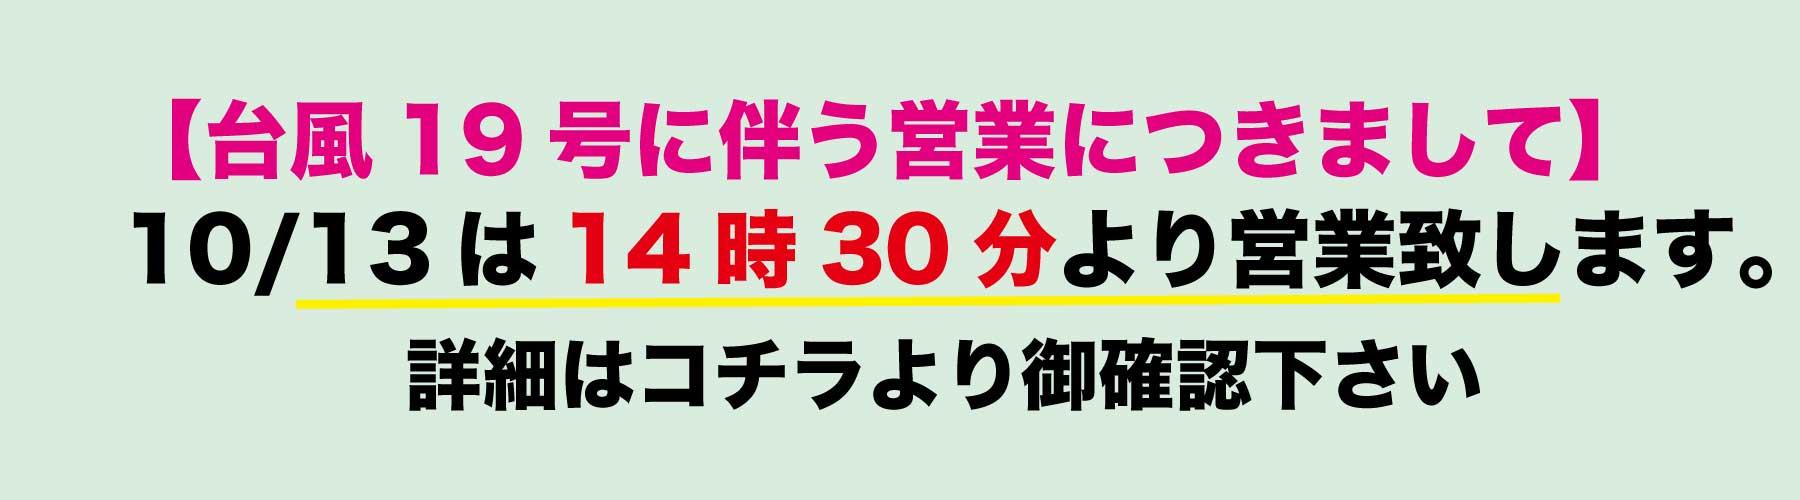 【台風19号接近に伴う営業につきまして】 ※京都八幡店を除く(2019年10月12日13:00)